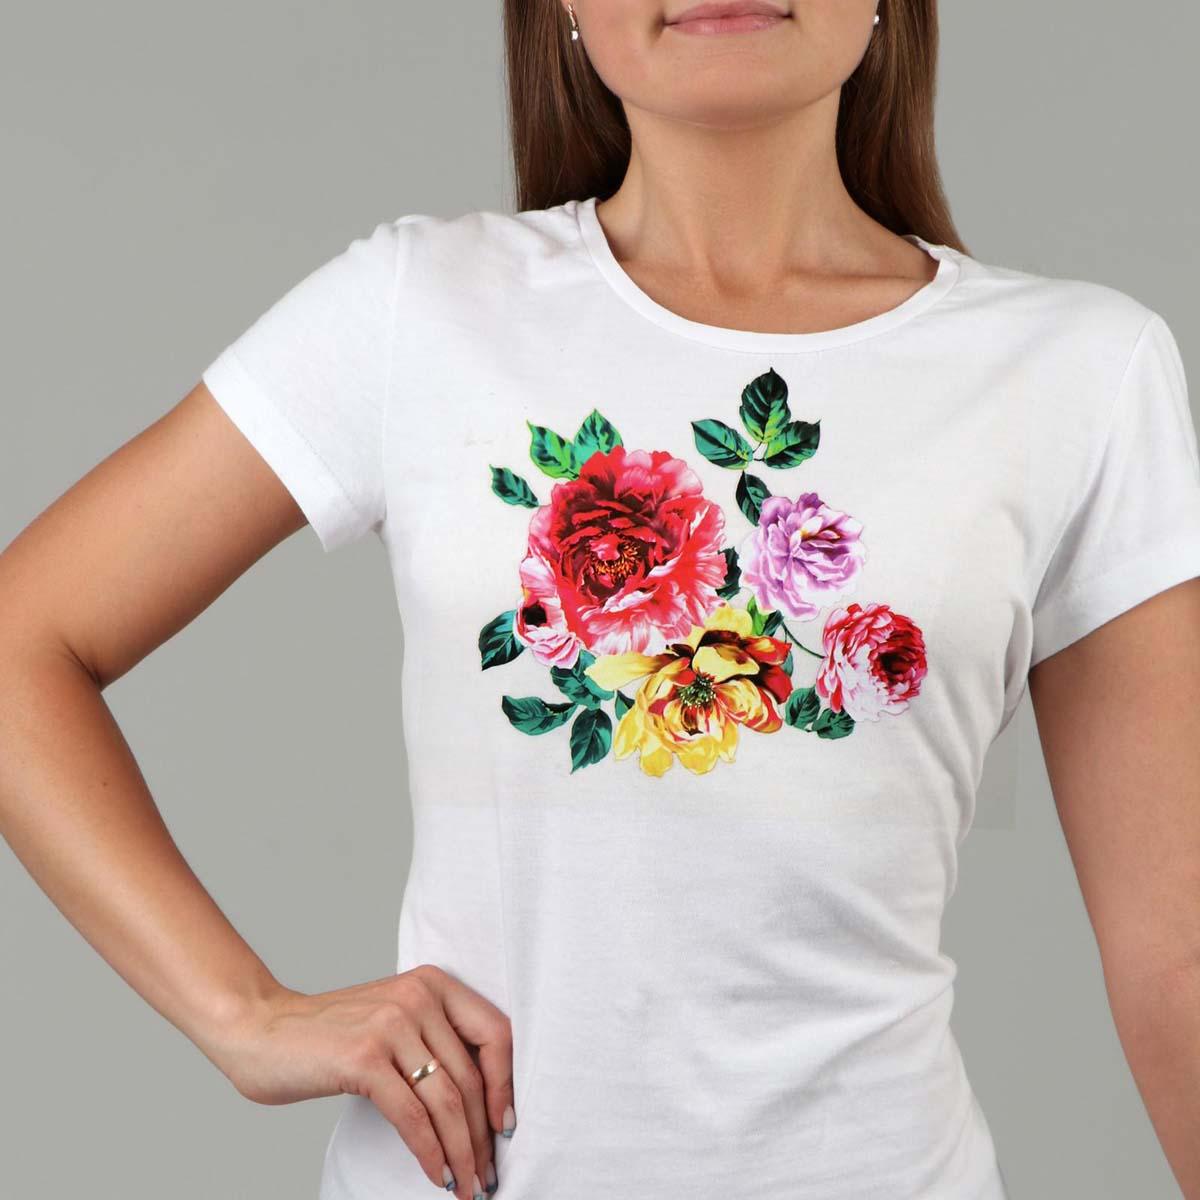 2663388 Термотрансфер цветы 13*20см, упак/5шт